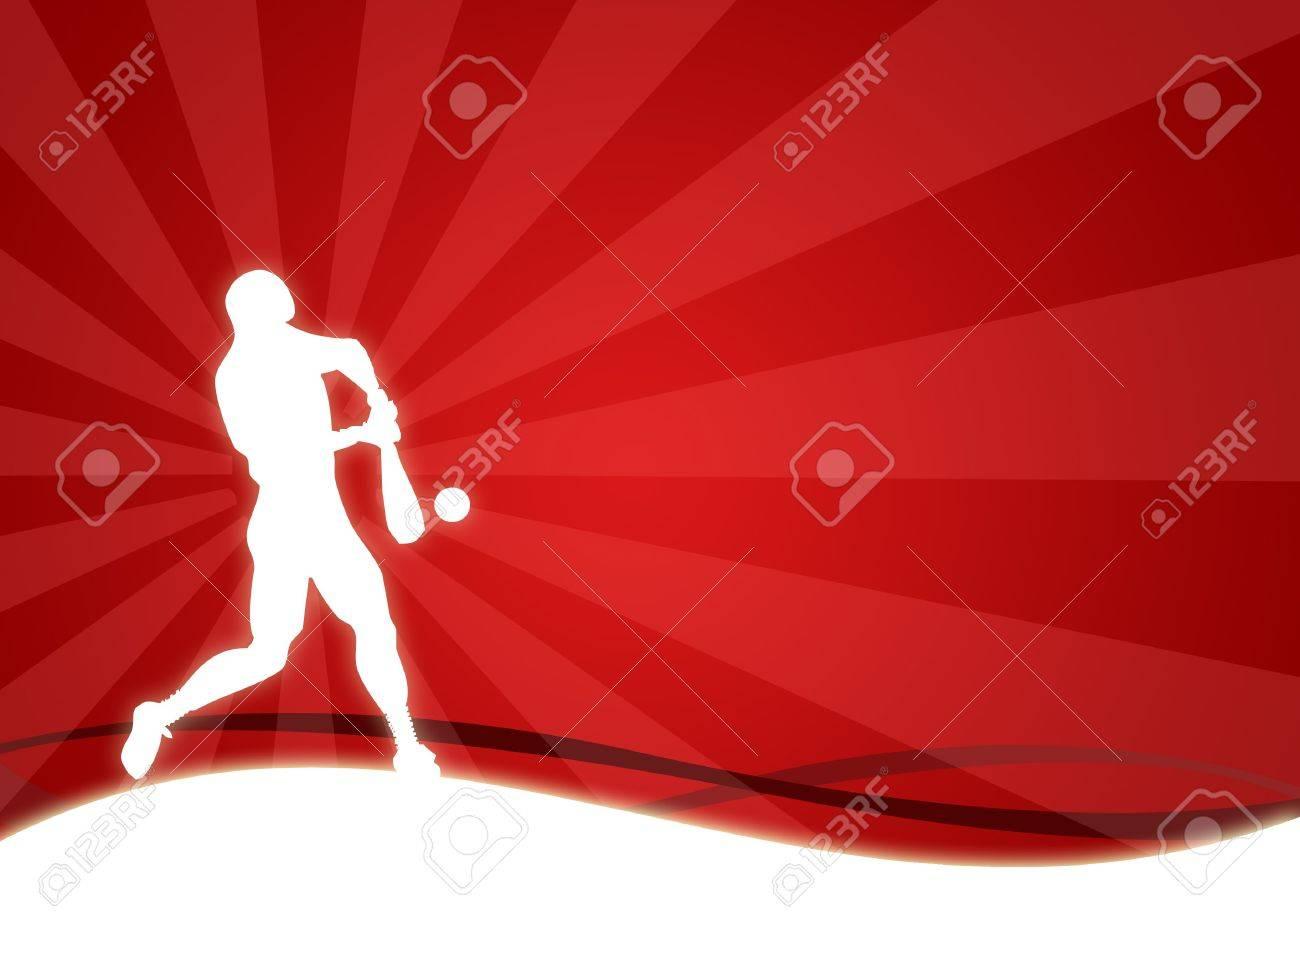 野球の男のシルエットの壁紙の背景 の写真素材 画像素材 Image